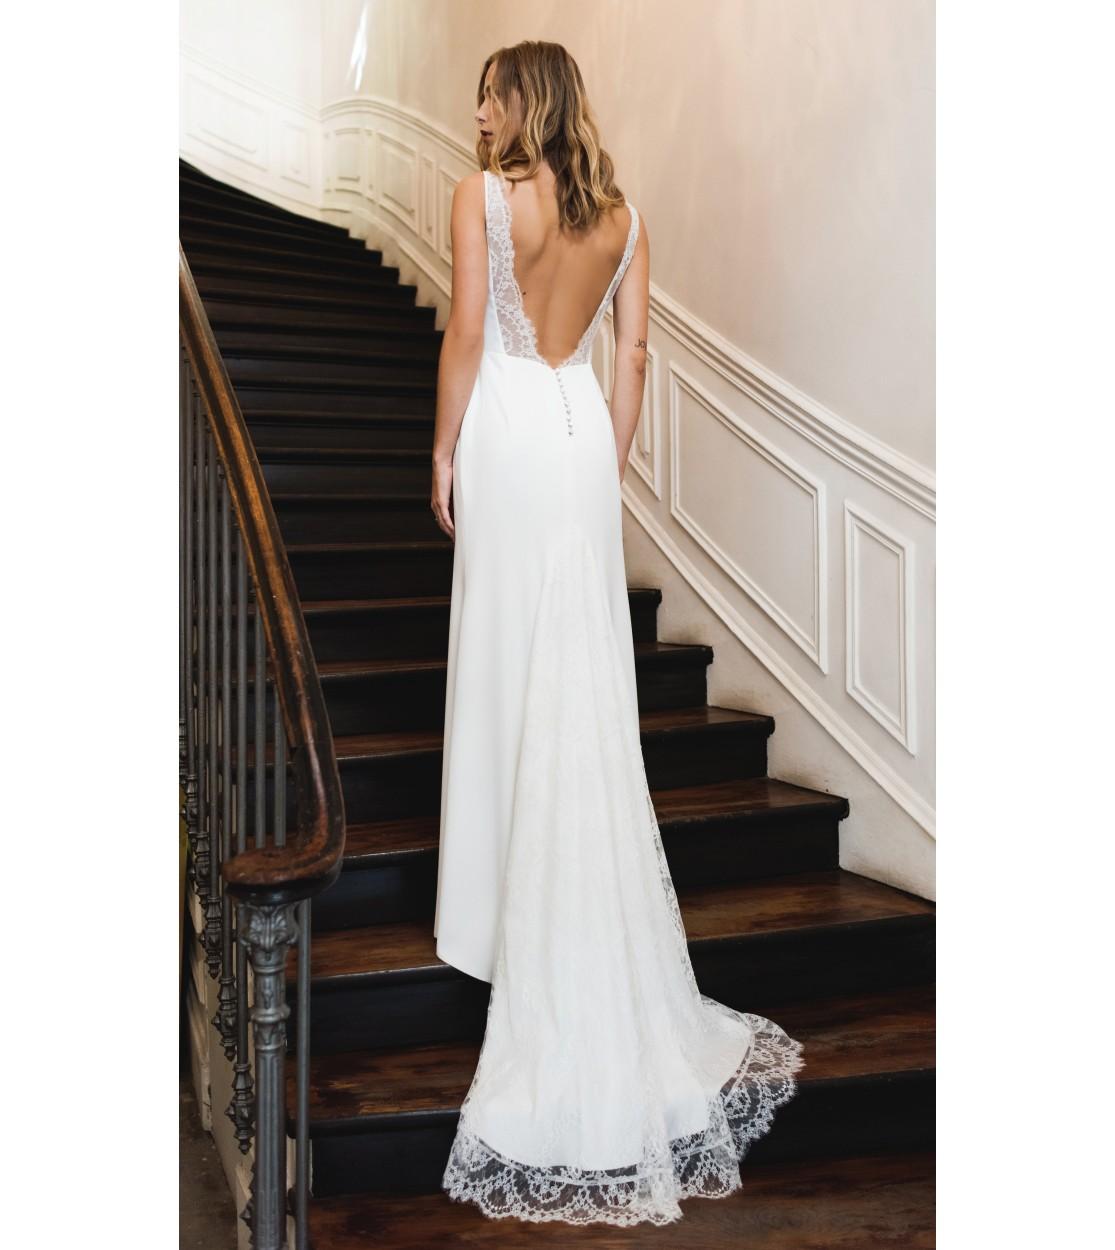 Blanche wedding dress - Harpe Paris